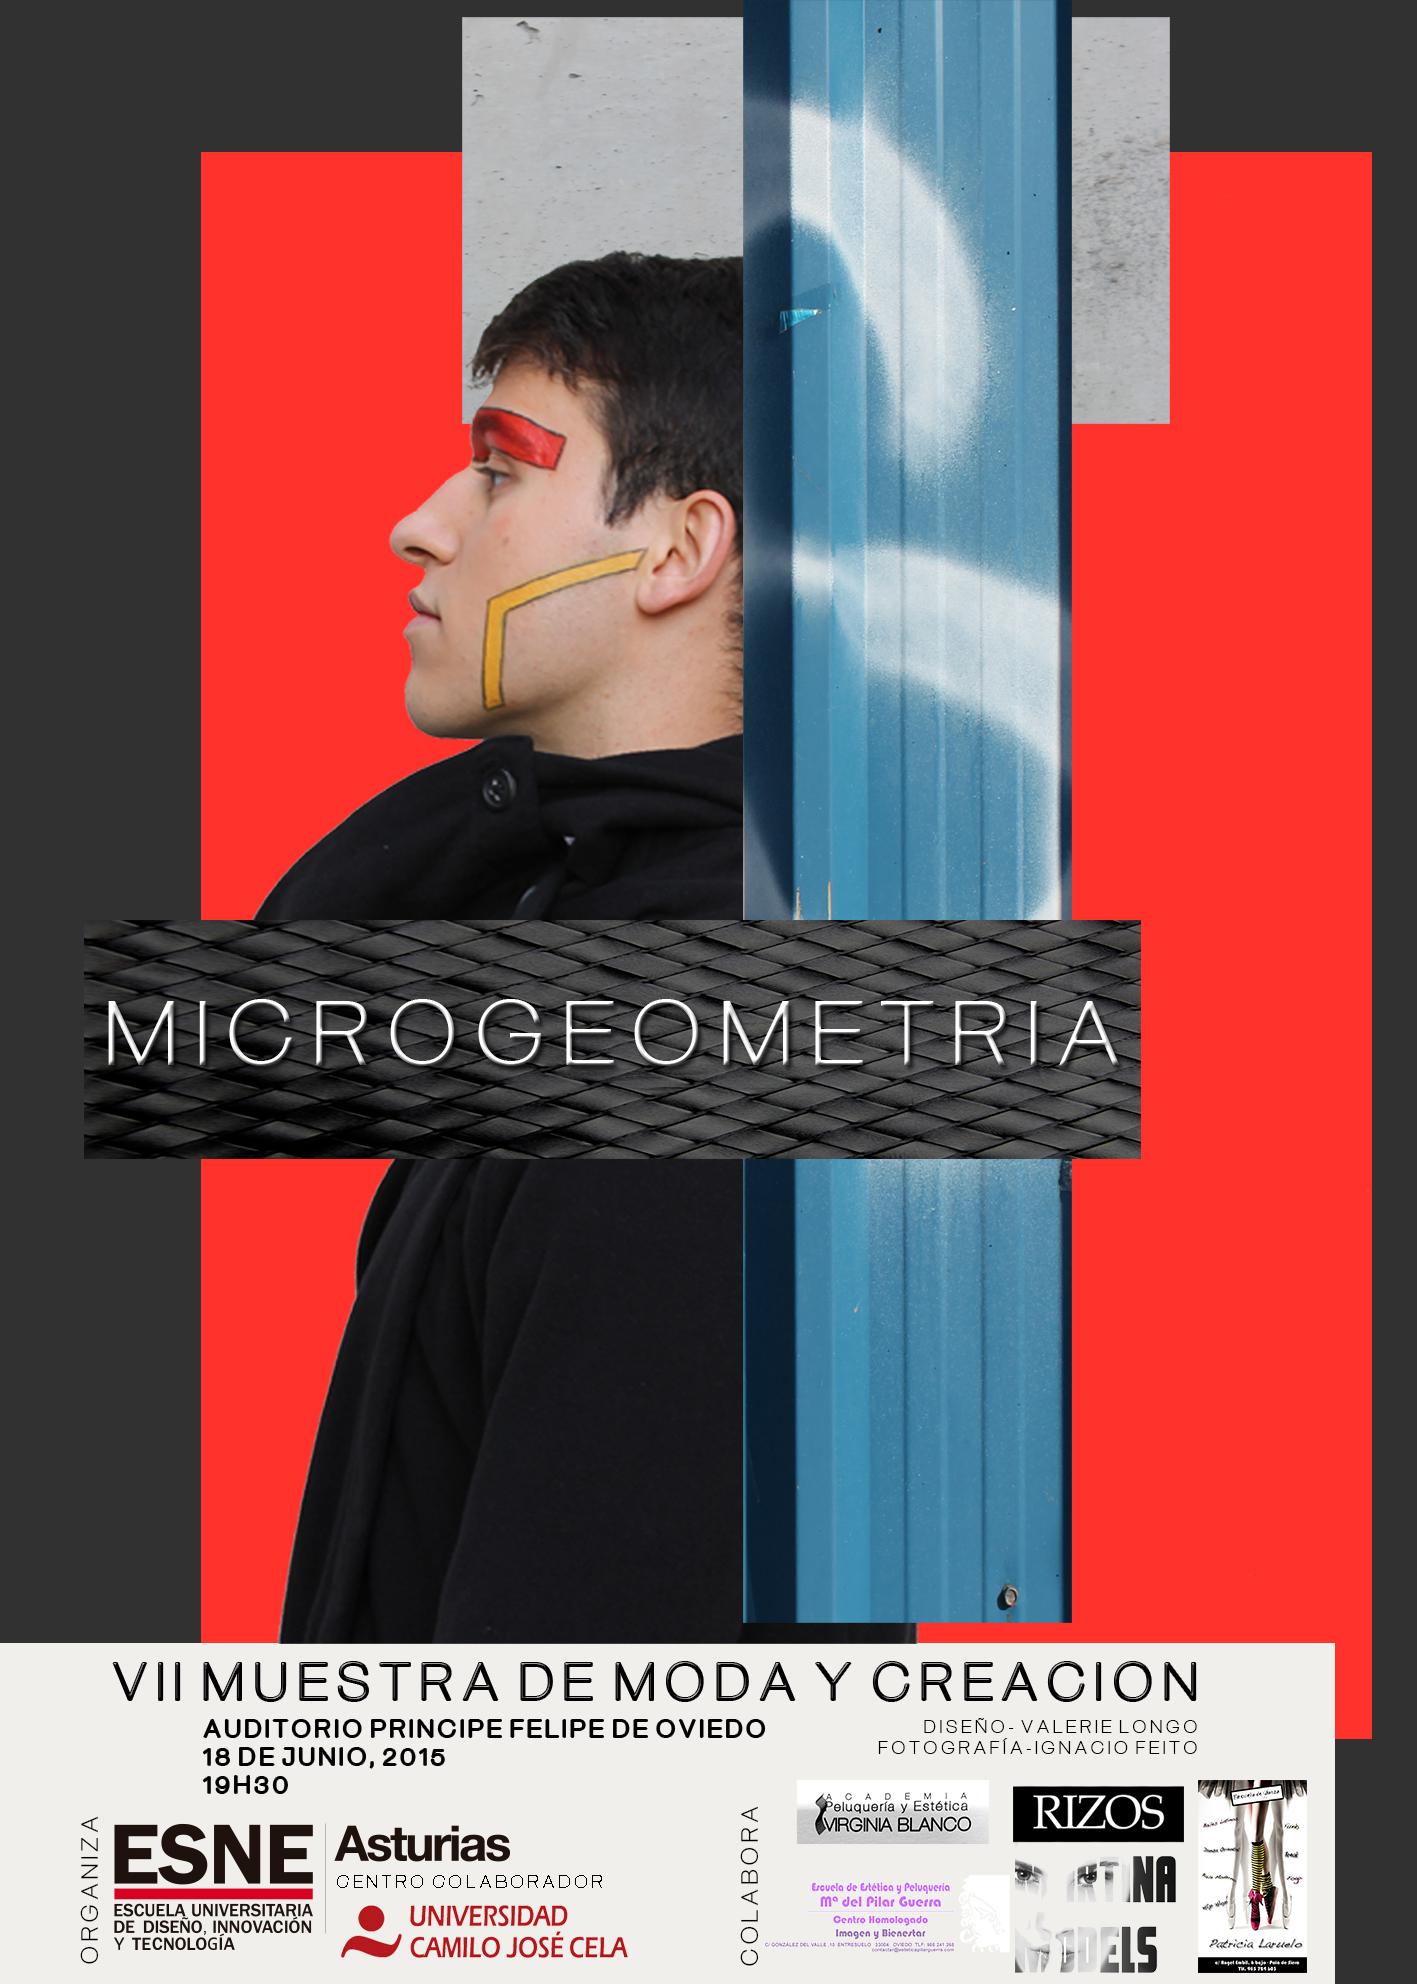 VII Muestra de Moda y Creación de ESNE Asturias